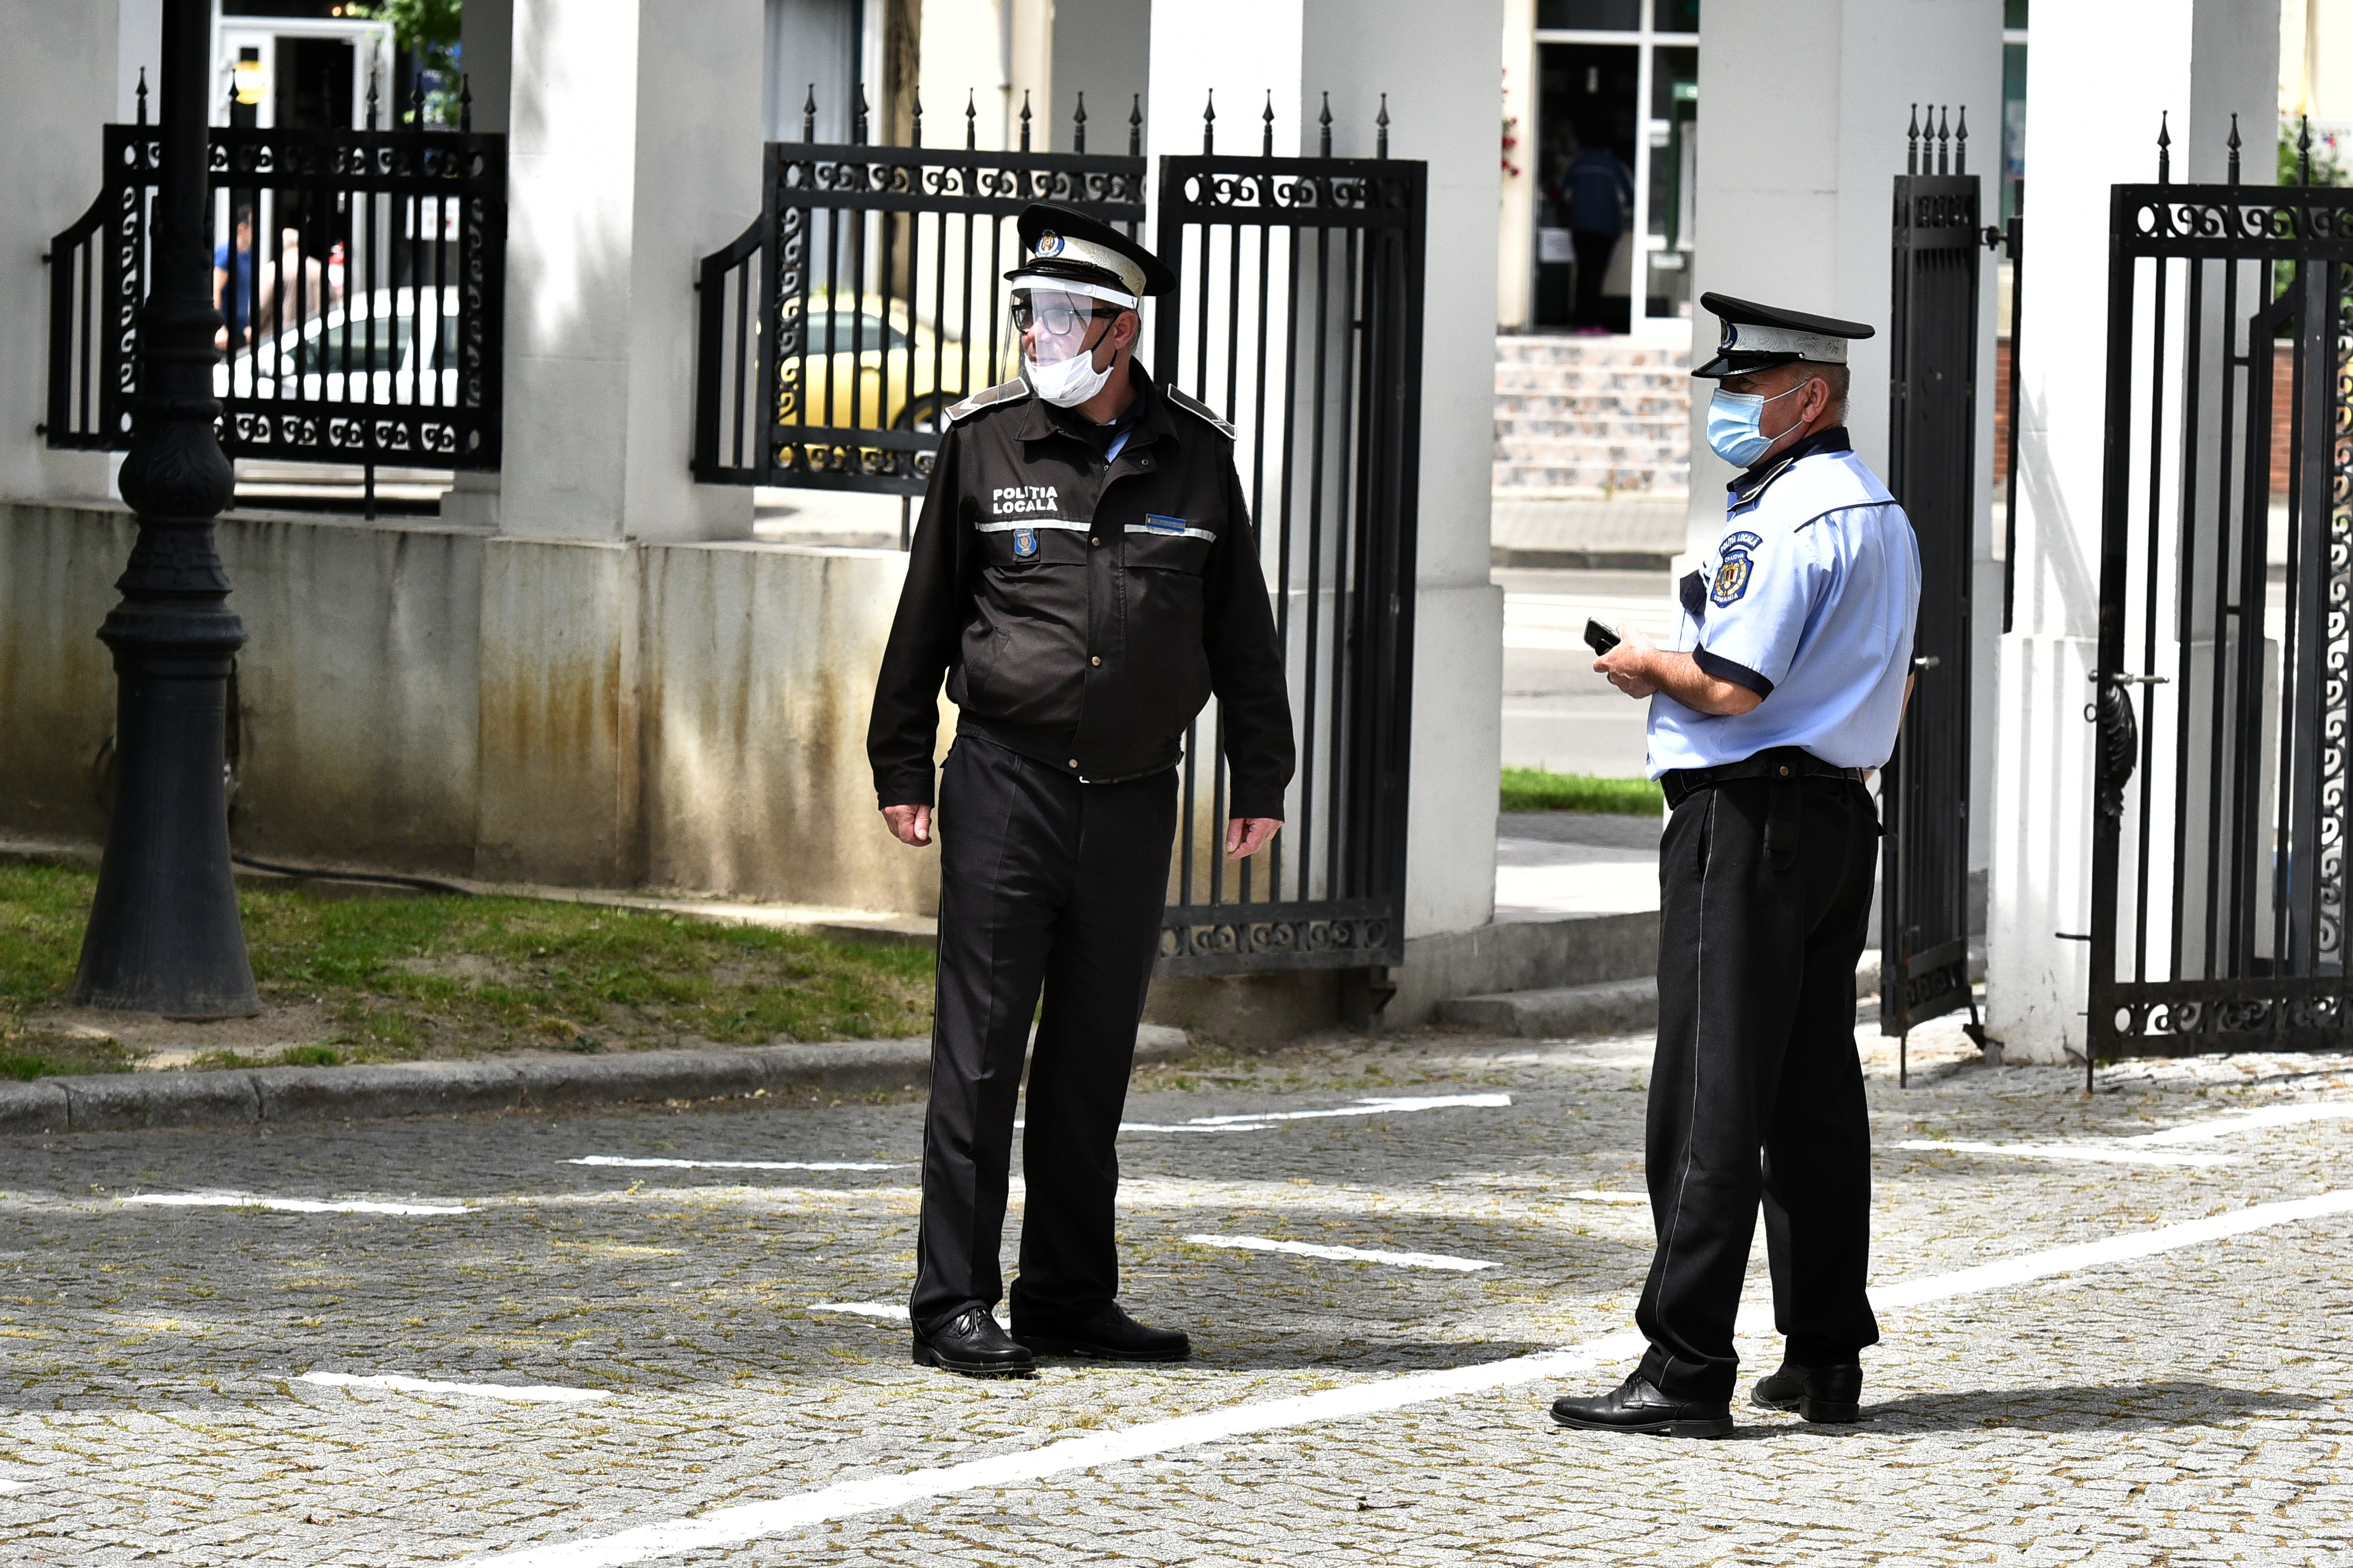 Anchetă la Ploiești, după ce mai mulți polițiști locali au depus acte că nu pot lucra decât ziua